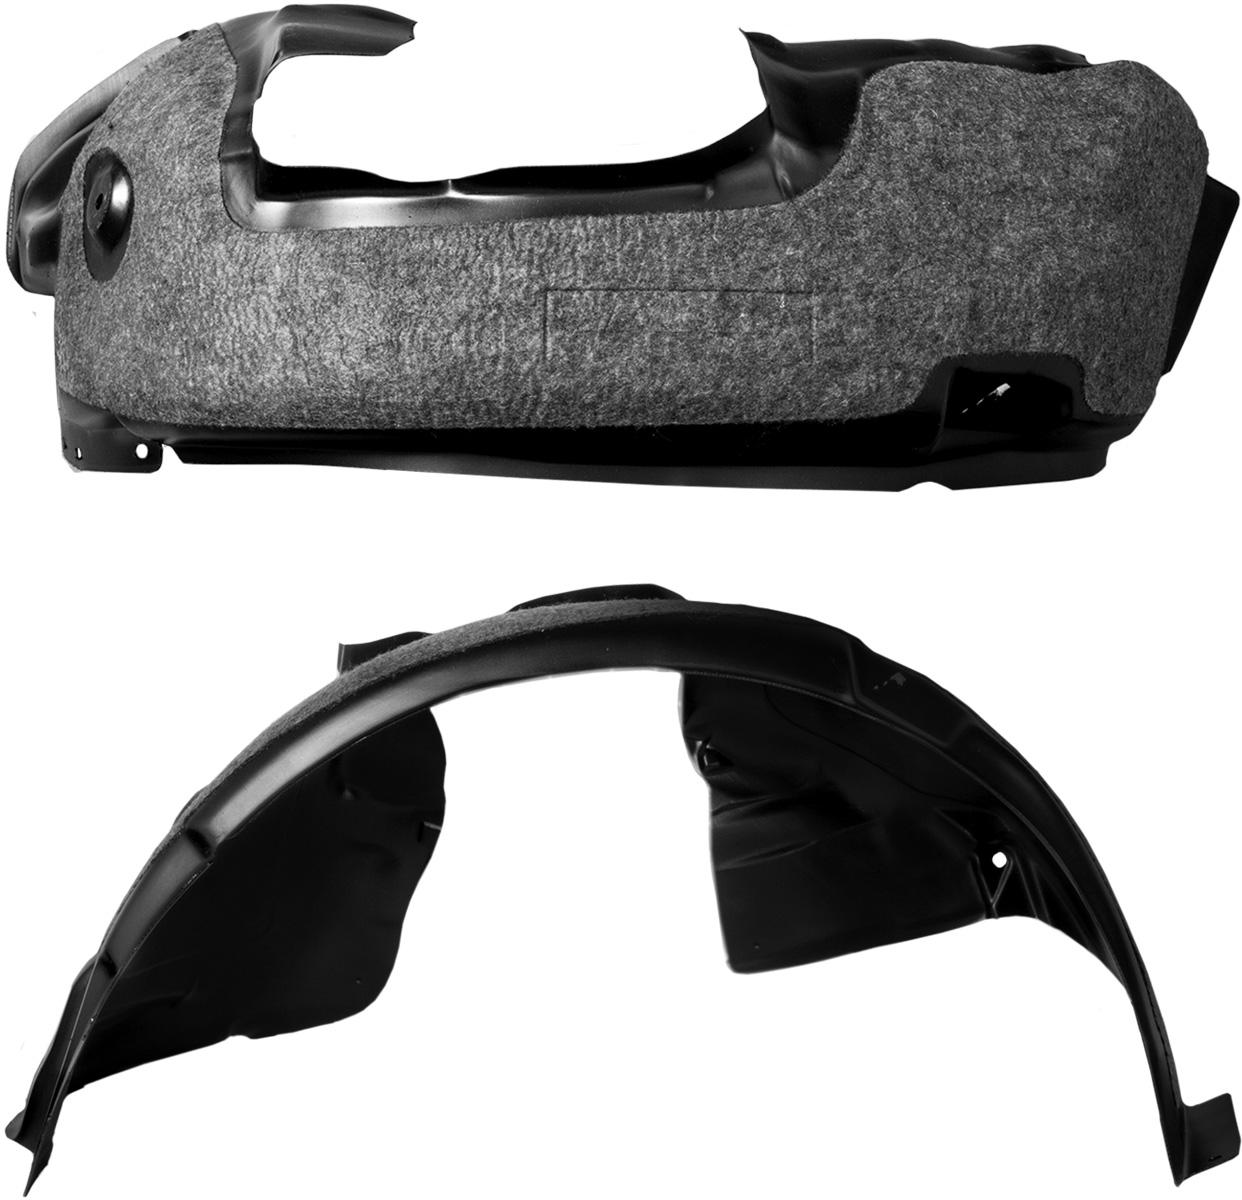 Подкрылок с шумоизоляцией Novline-Autofamily, для HYUNDAI i40 седан, 06/2012->, передний левыйNLS.20.46.001Подкрылок с шумоизоляцией - революционный продукт, совмещающий в себе все достоинства обычного подкрылка и в то же время являющийся одним из наиболее эффективных средств борьбы с внешним шумом в салоне автомобиля.Подкрылки разрабатываются индивидуально для каждого автомобиля с использованием метода 3D-сканирования.В качестве шумоизолирующего слоя применяется легкое синтетическое нетканое полотно толщиной 10 мм, которое отталкивает влагу, сохраняет свои шумоизоляционные свойства на протяжении всего периода эксплуатации. Подкрылки с шумоизоляцией не имеют эксплуатационных ограничений и устанавливаются один раз на весь срок службы автомобиля.Уважаемые клиенты!Обращаем ваше внимание, на тот факт, что подкрылок имеет форму, соответствующую модели данного автомобиля. Фото служит для визуального восприятия товара.